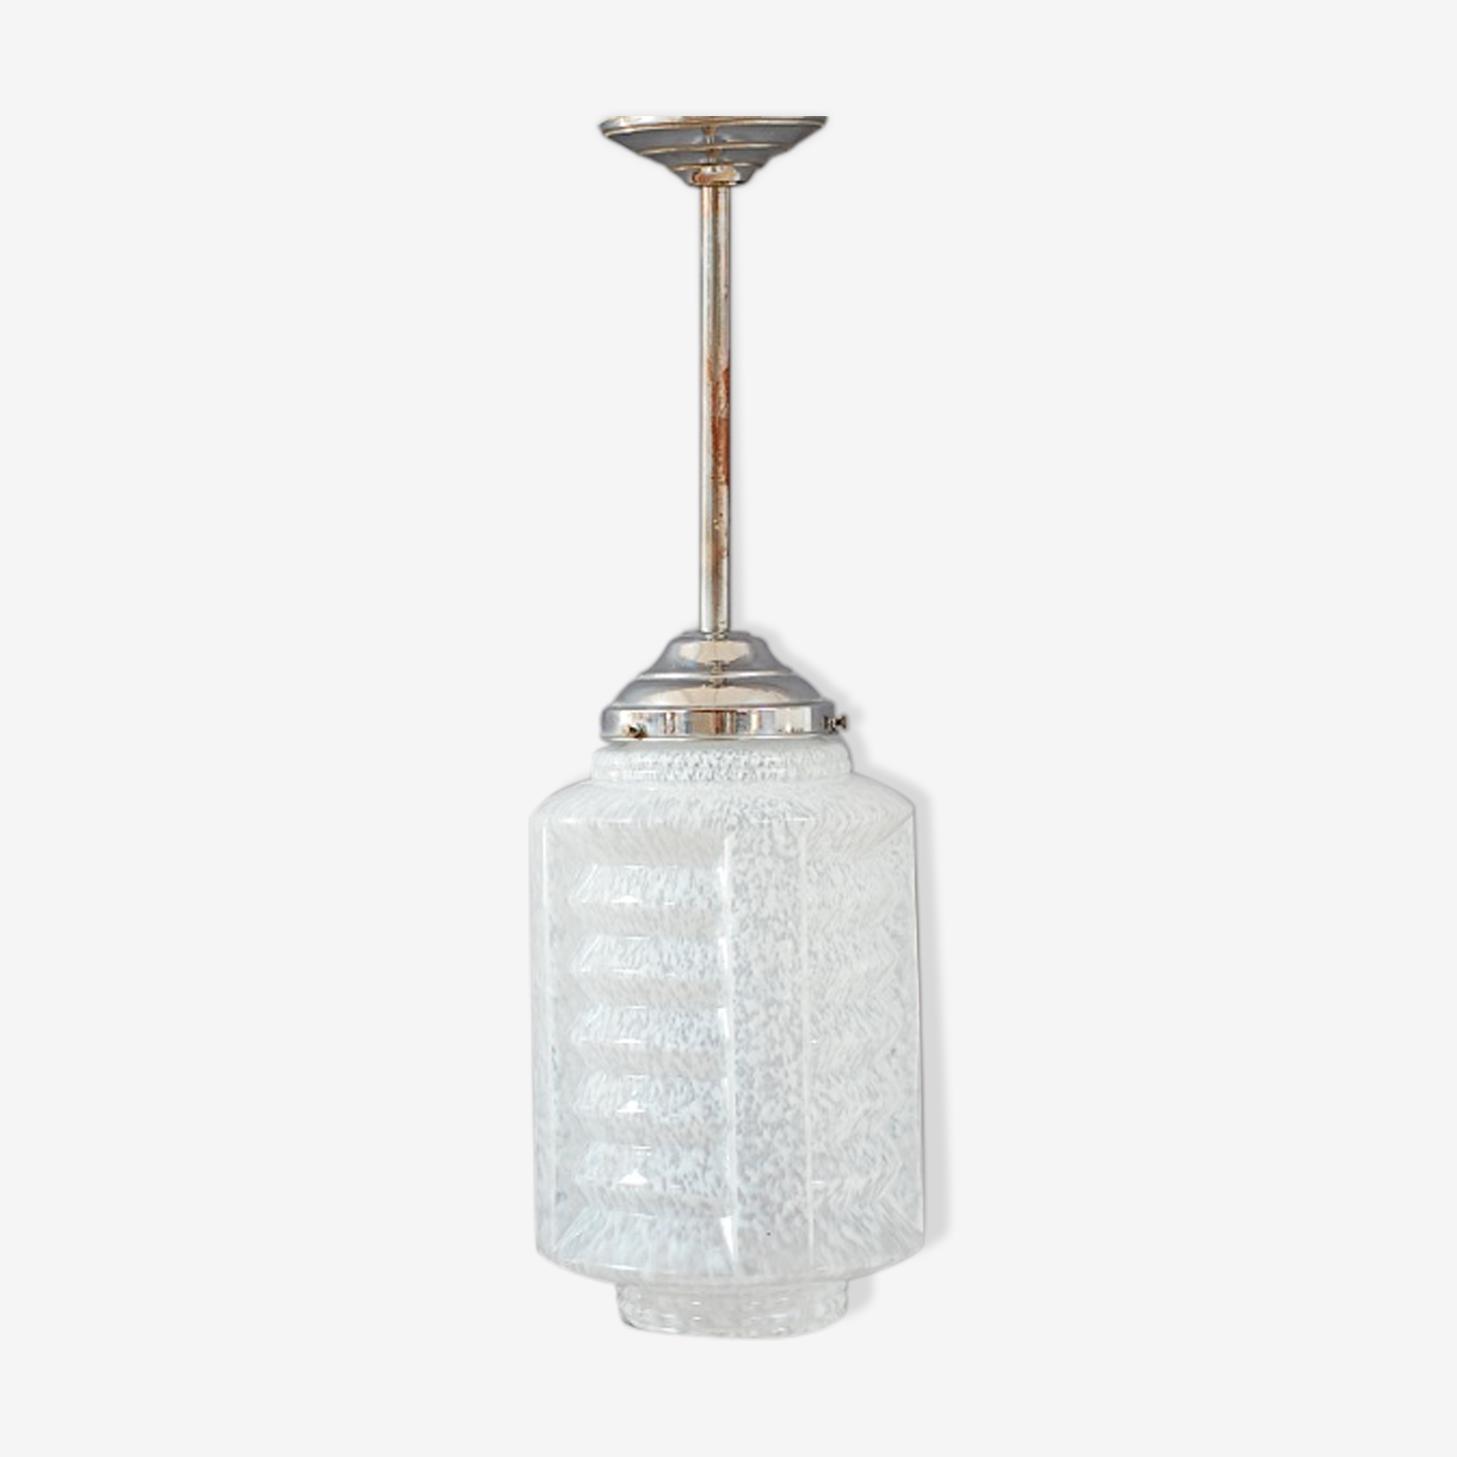 Art déco hanging lamp